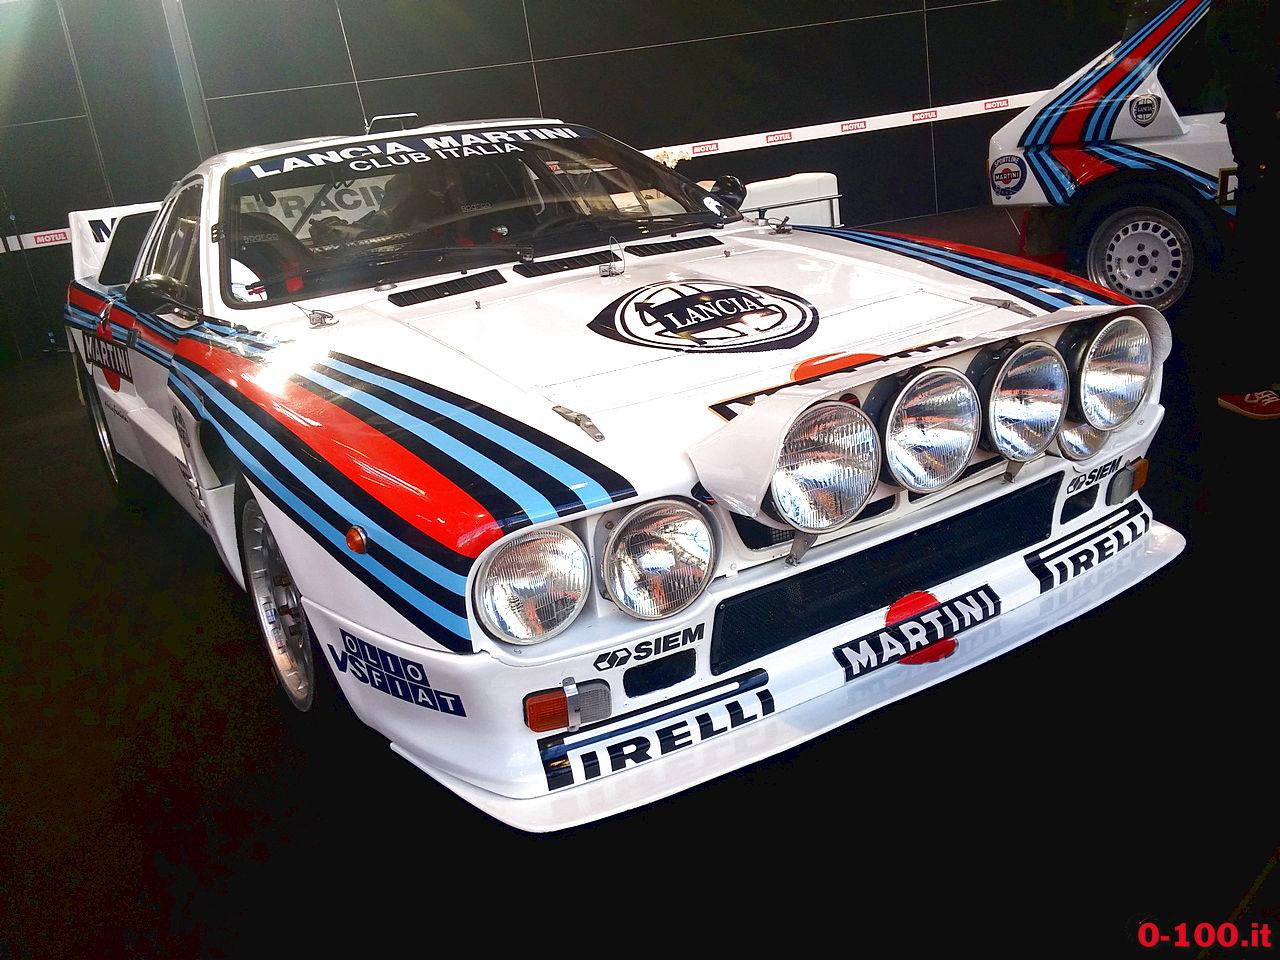 bologna-motor-show-lancia-rally-2016_0-100_1